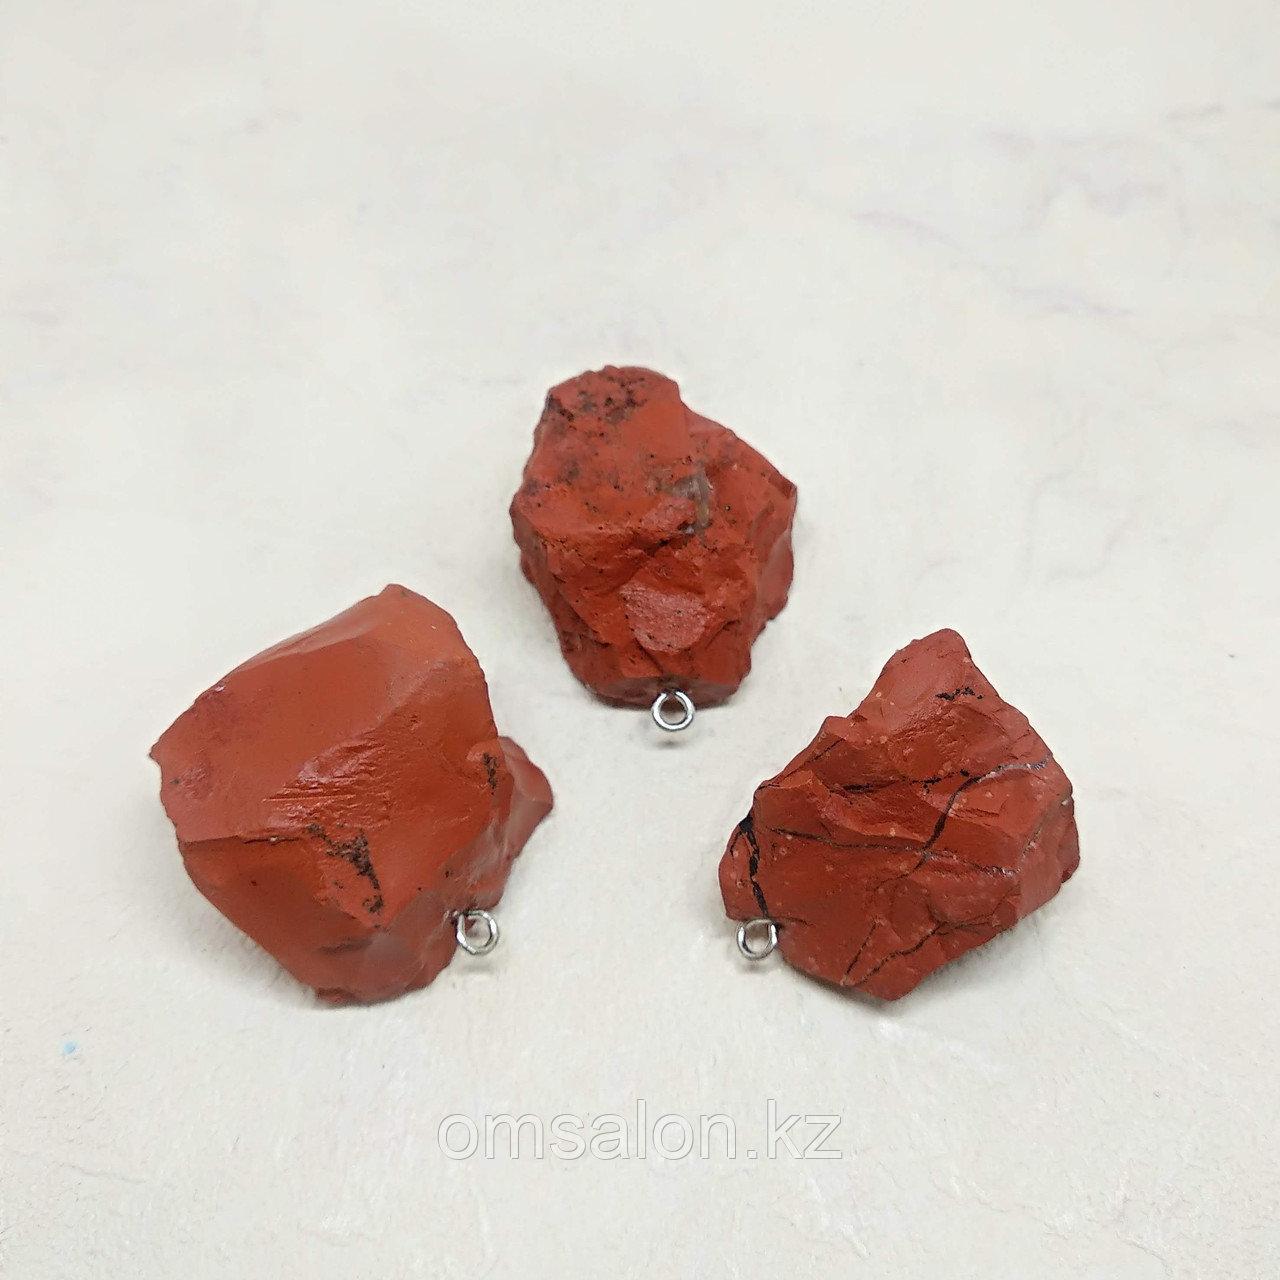 Кулон из необработанной красной яшмы, 30х20мм